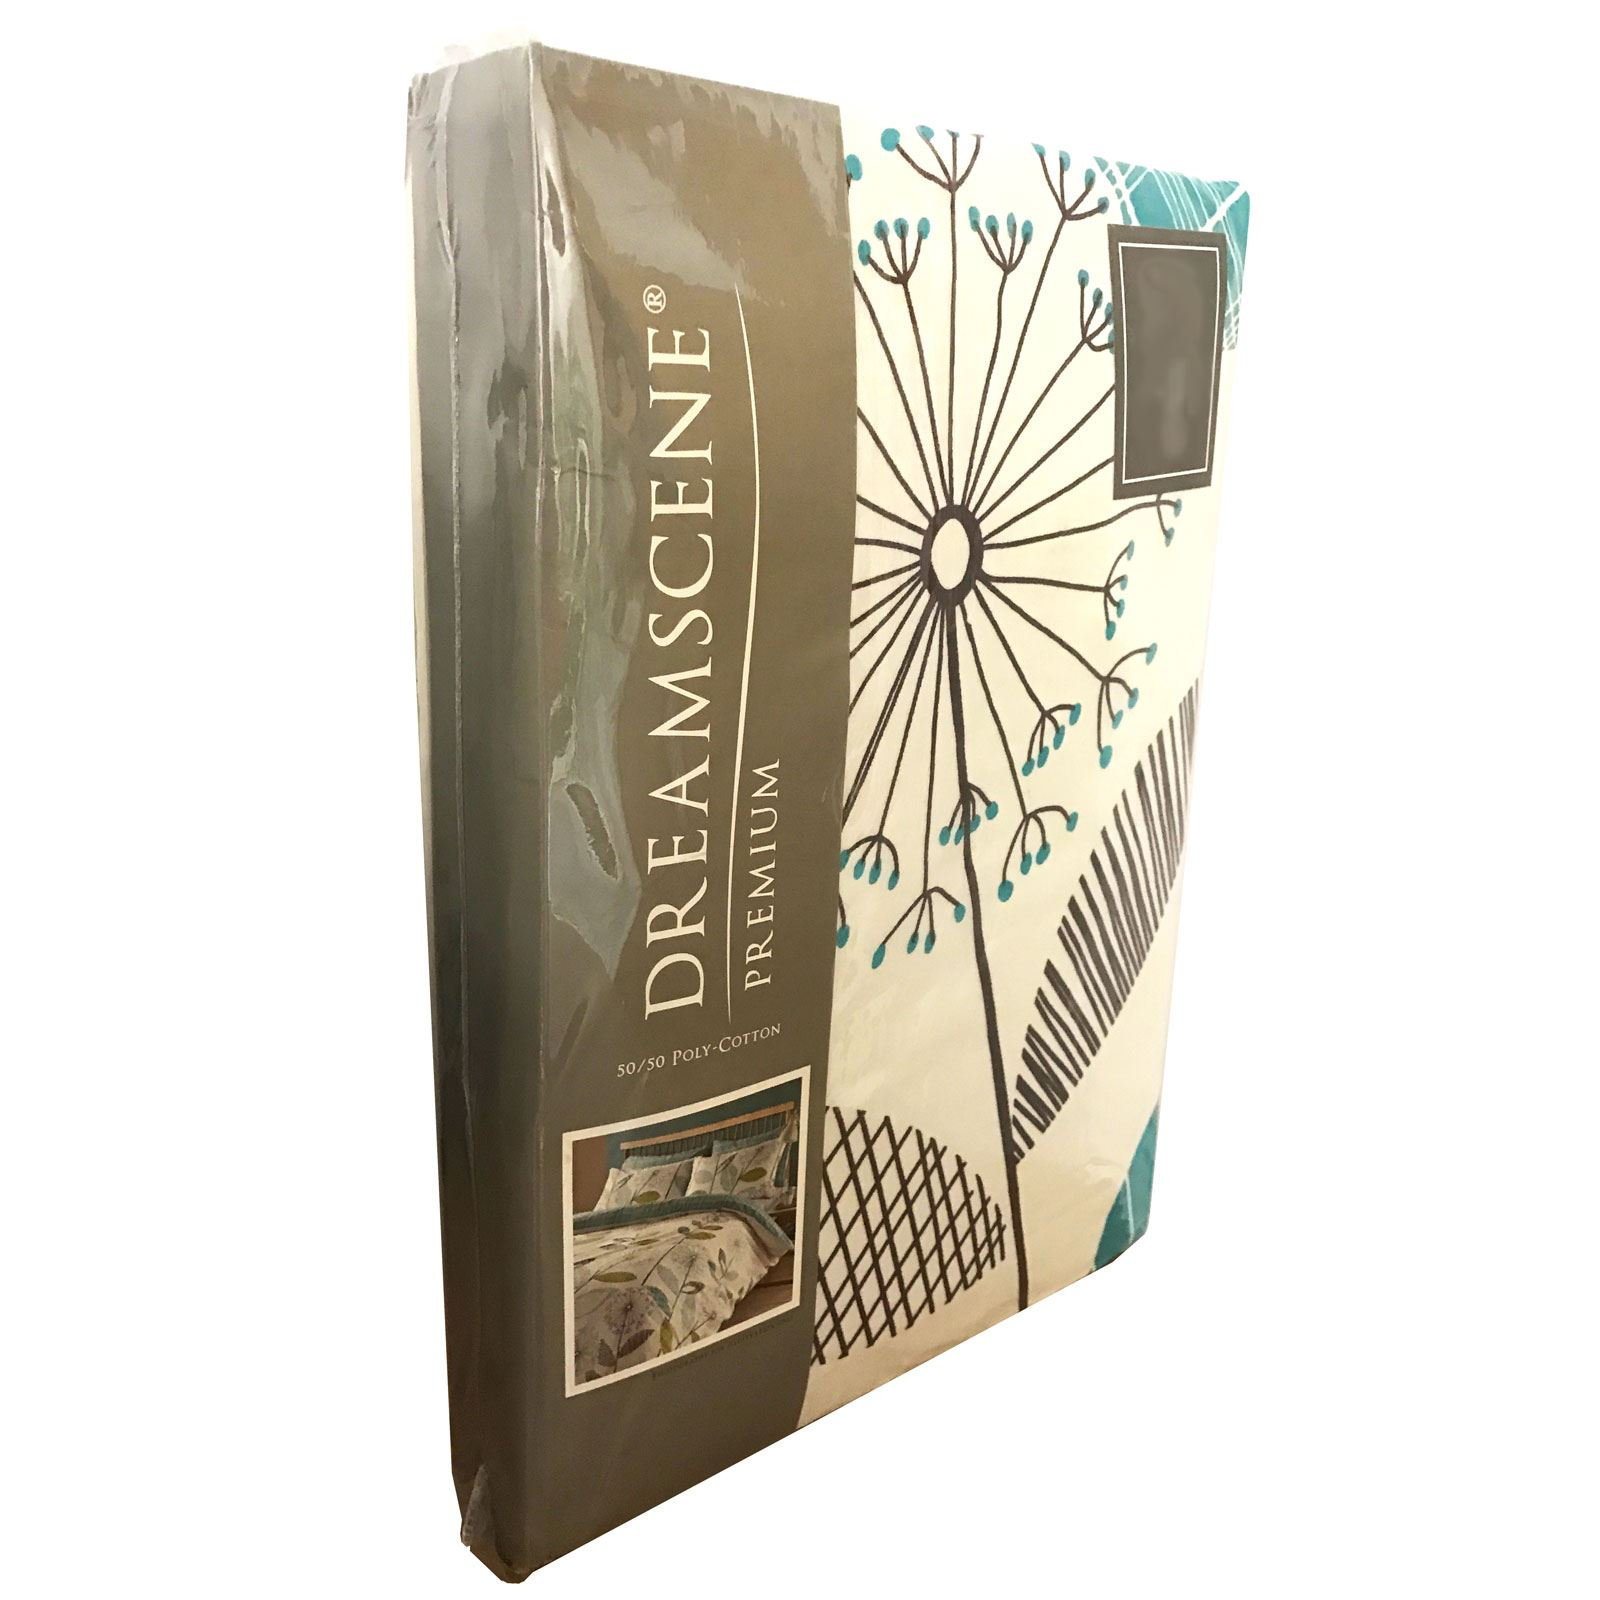 ALLIUM DANDELION TEAL KING SIZE DUVET COVER SET REVERSIBLE BEDDING GREEN WHITE